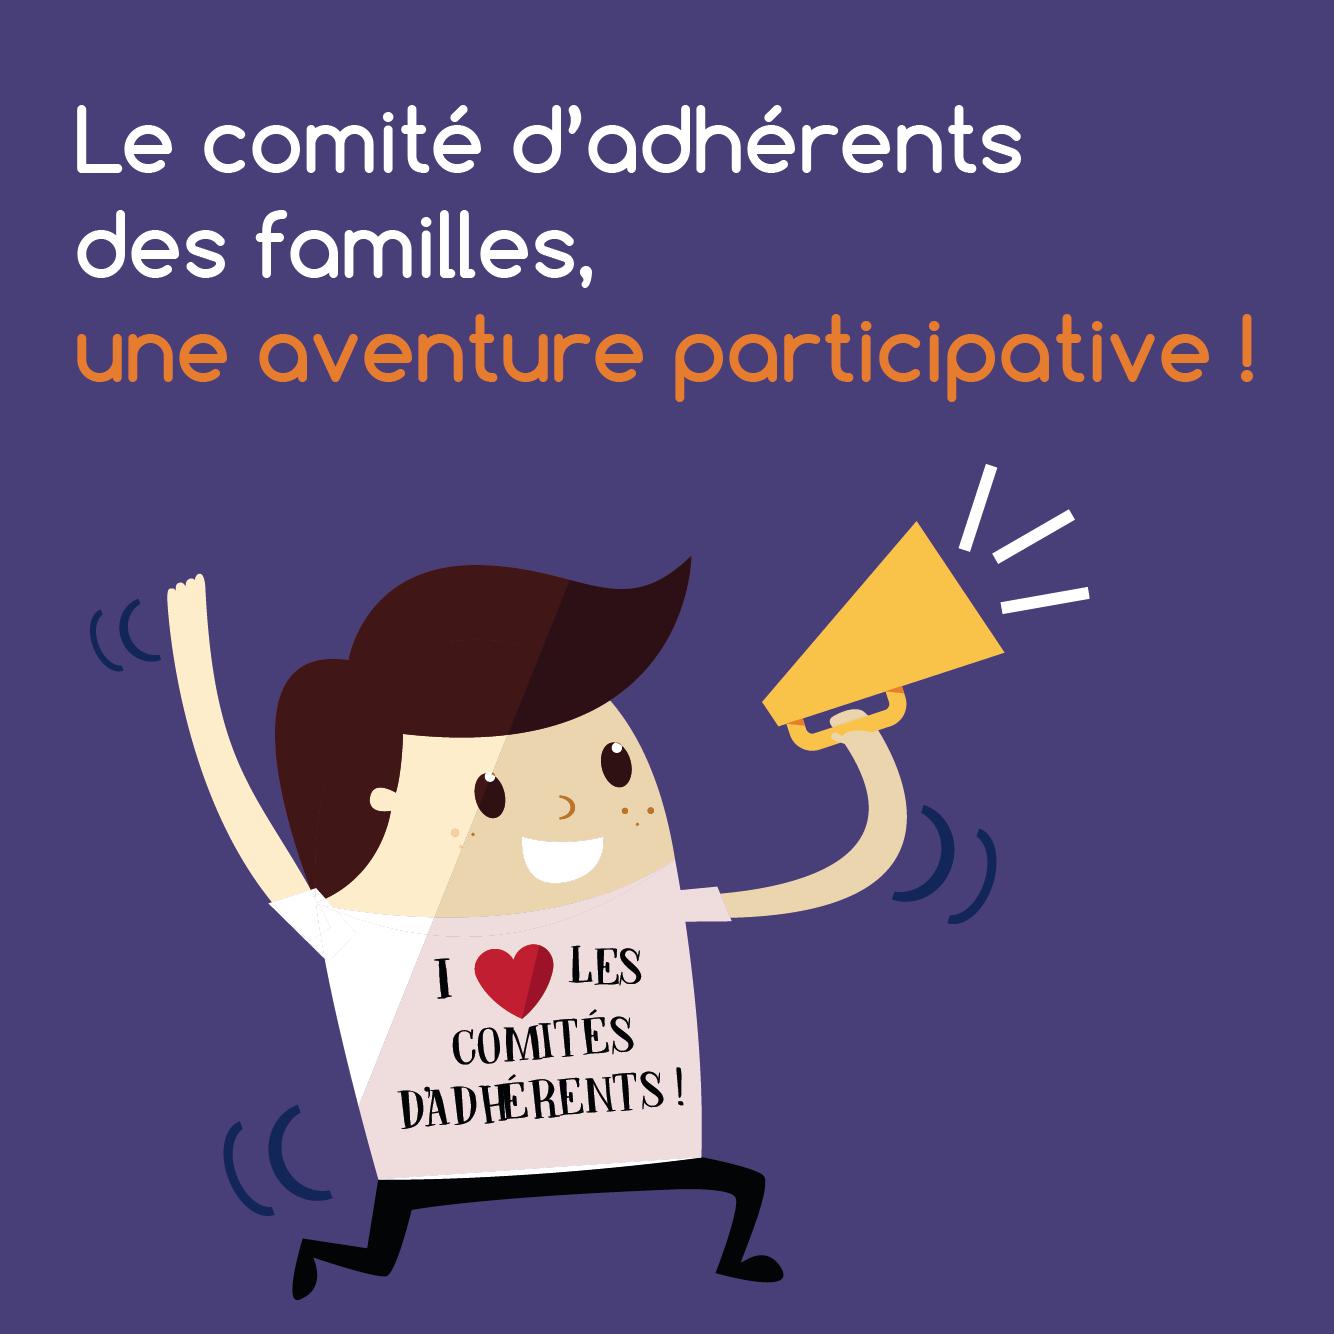 Comité d'adhérents familles